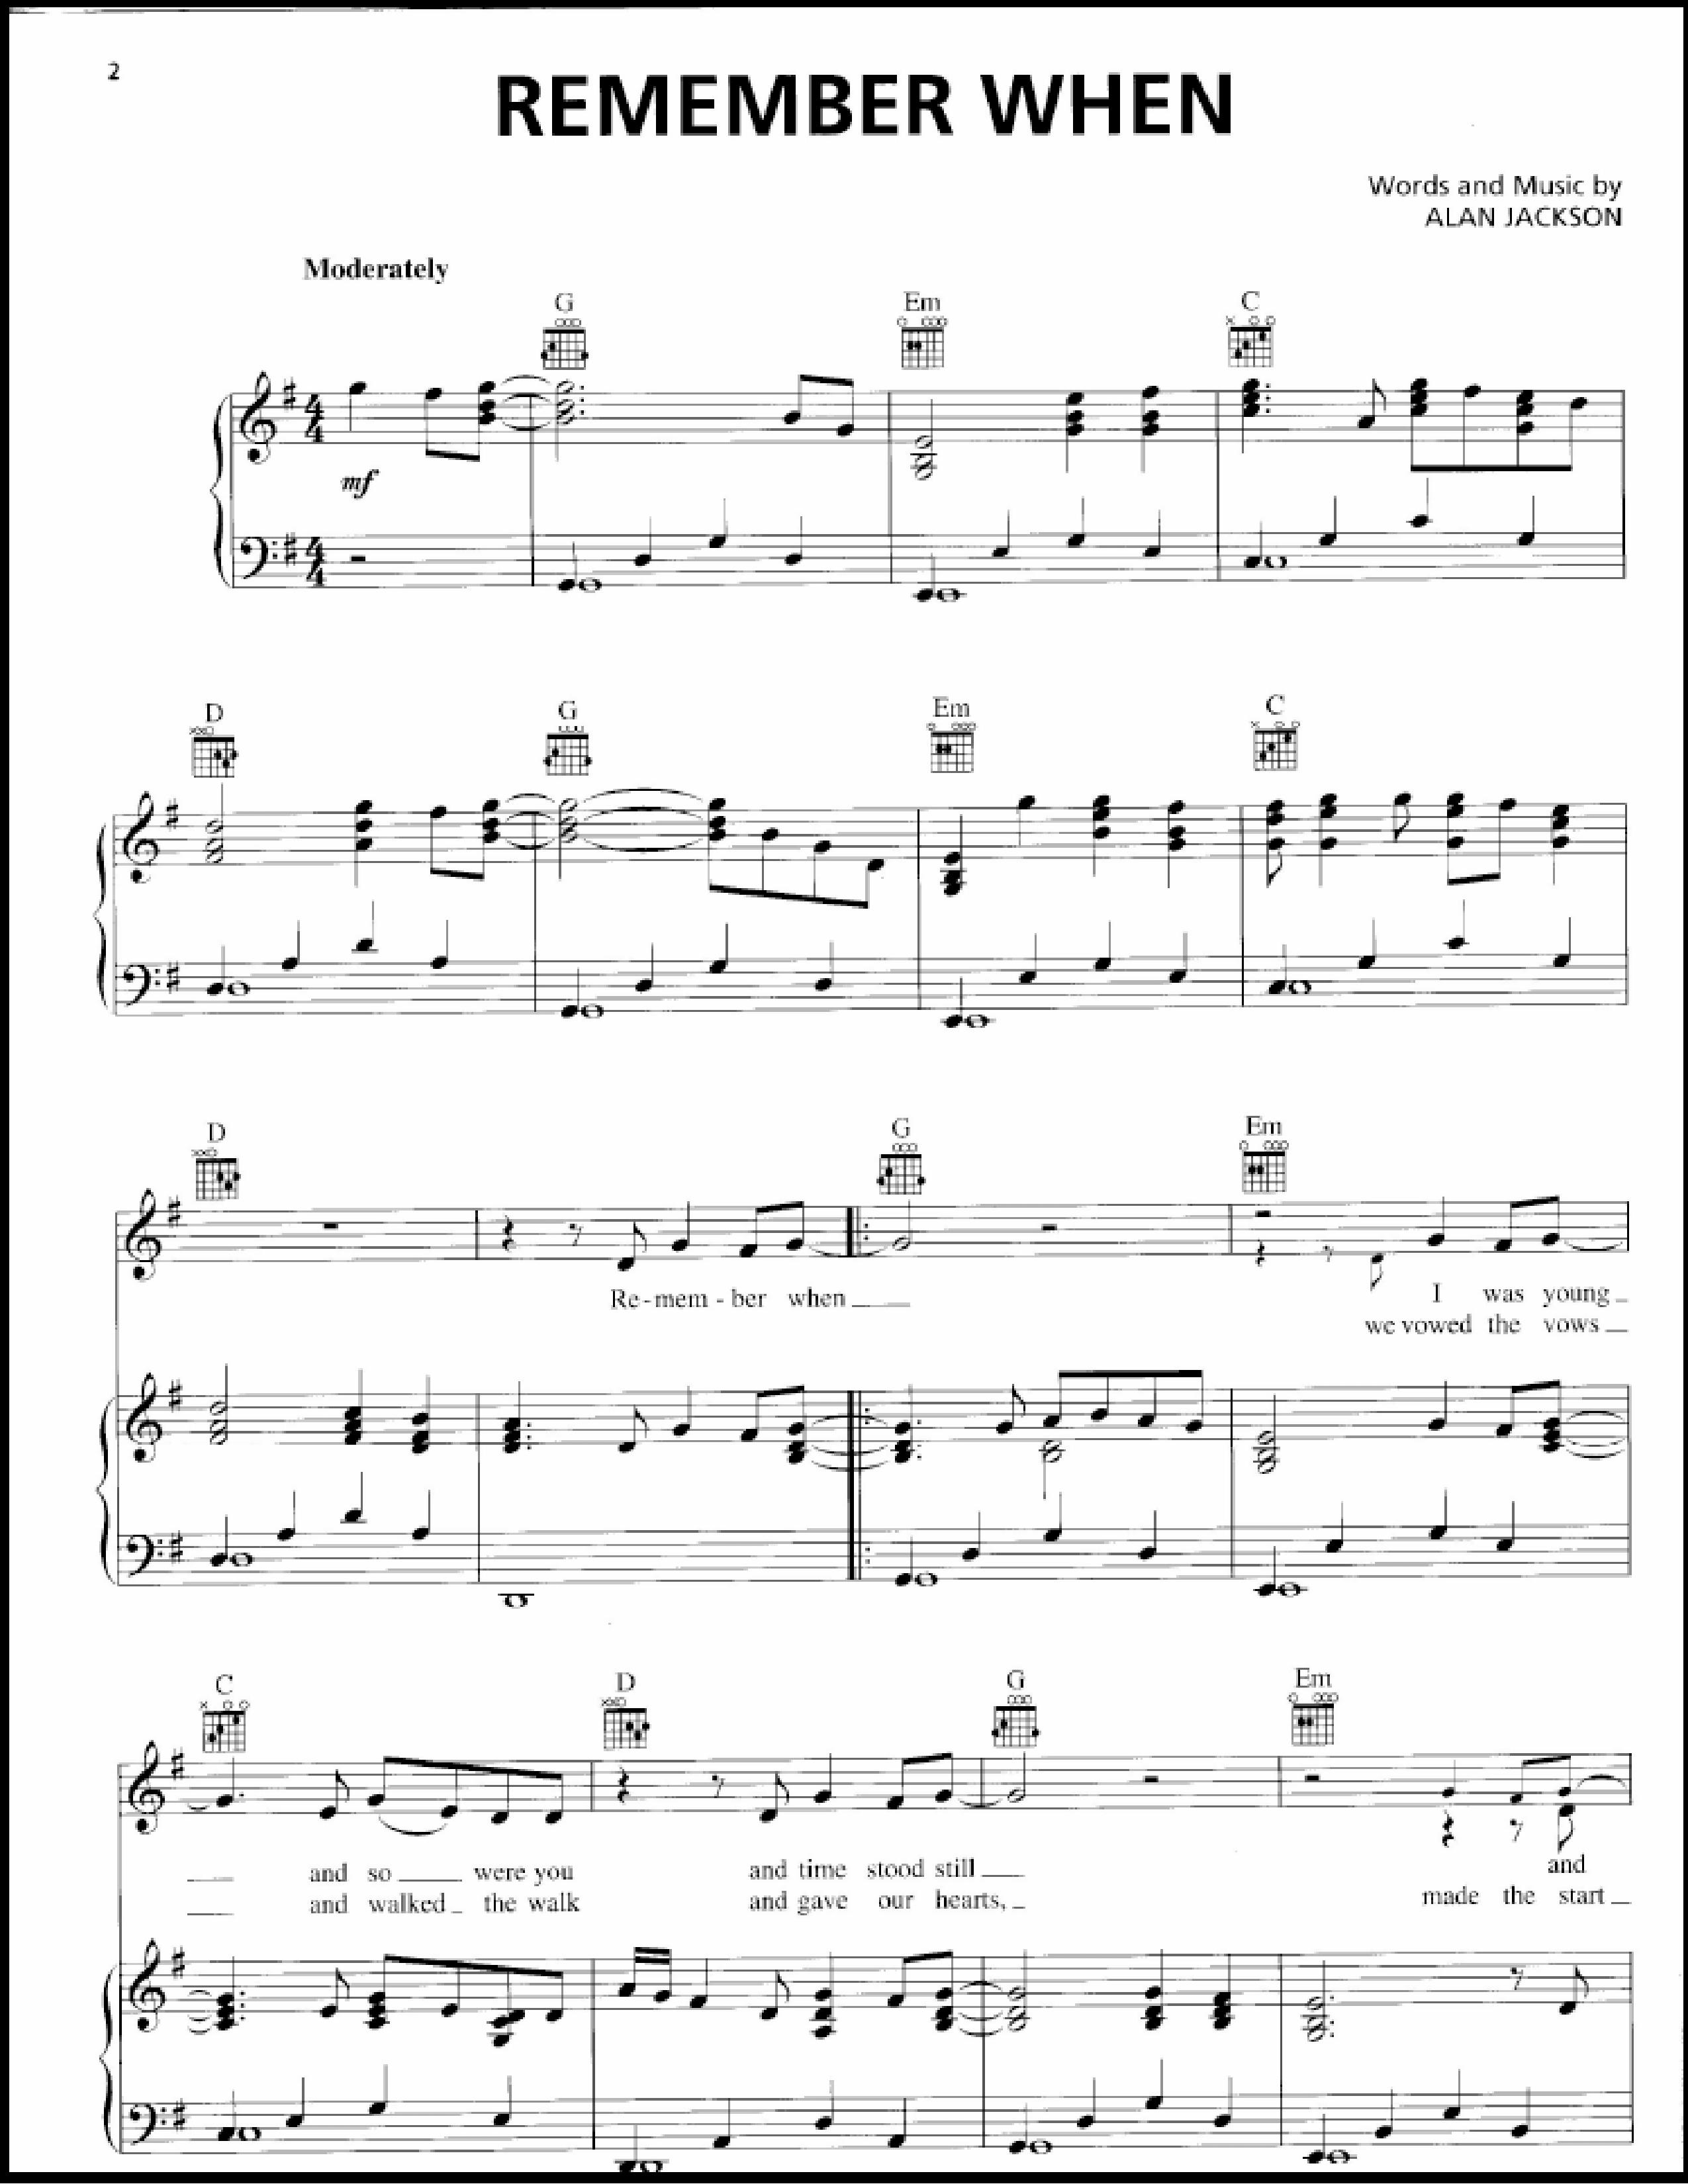 Alan Jackson Remember When Sheet Music Pdf Free Score Download